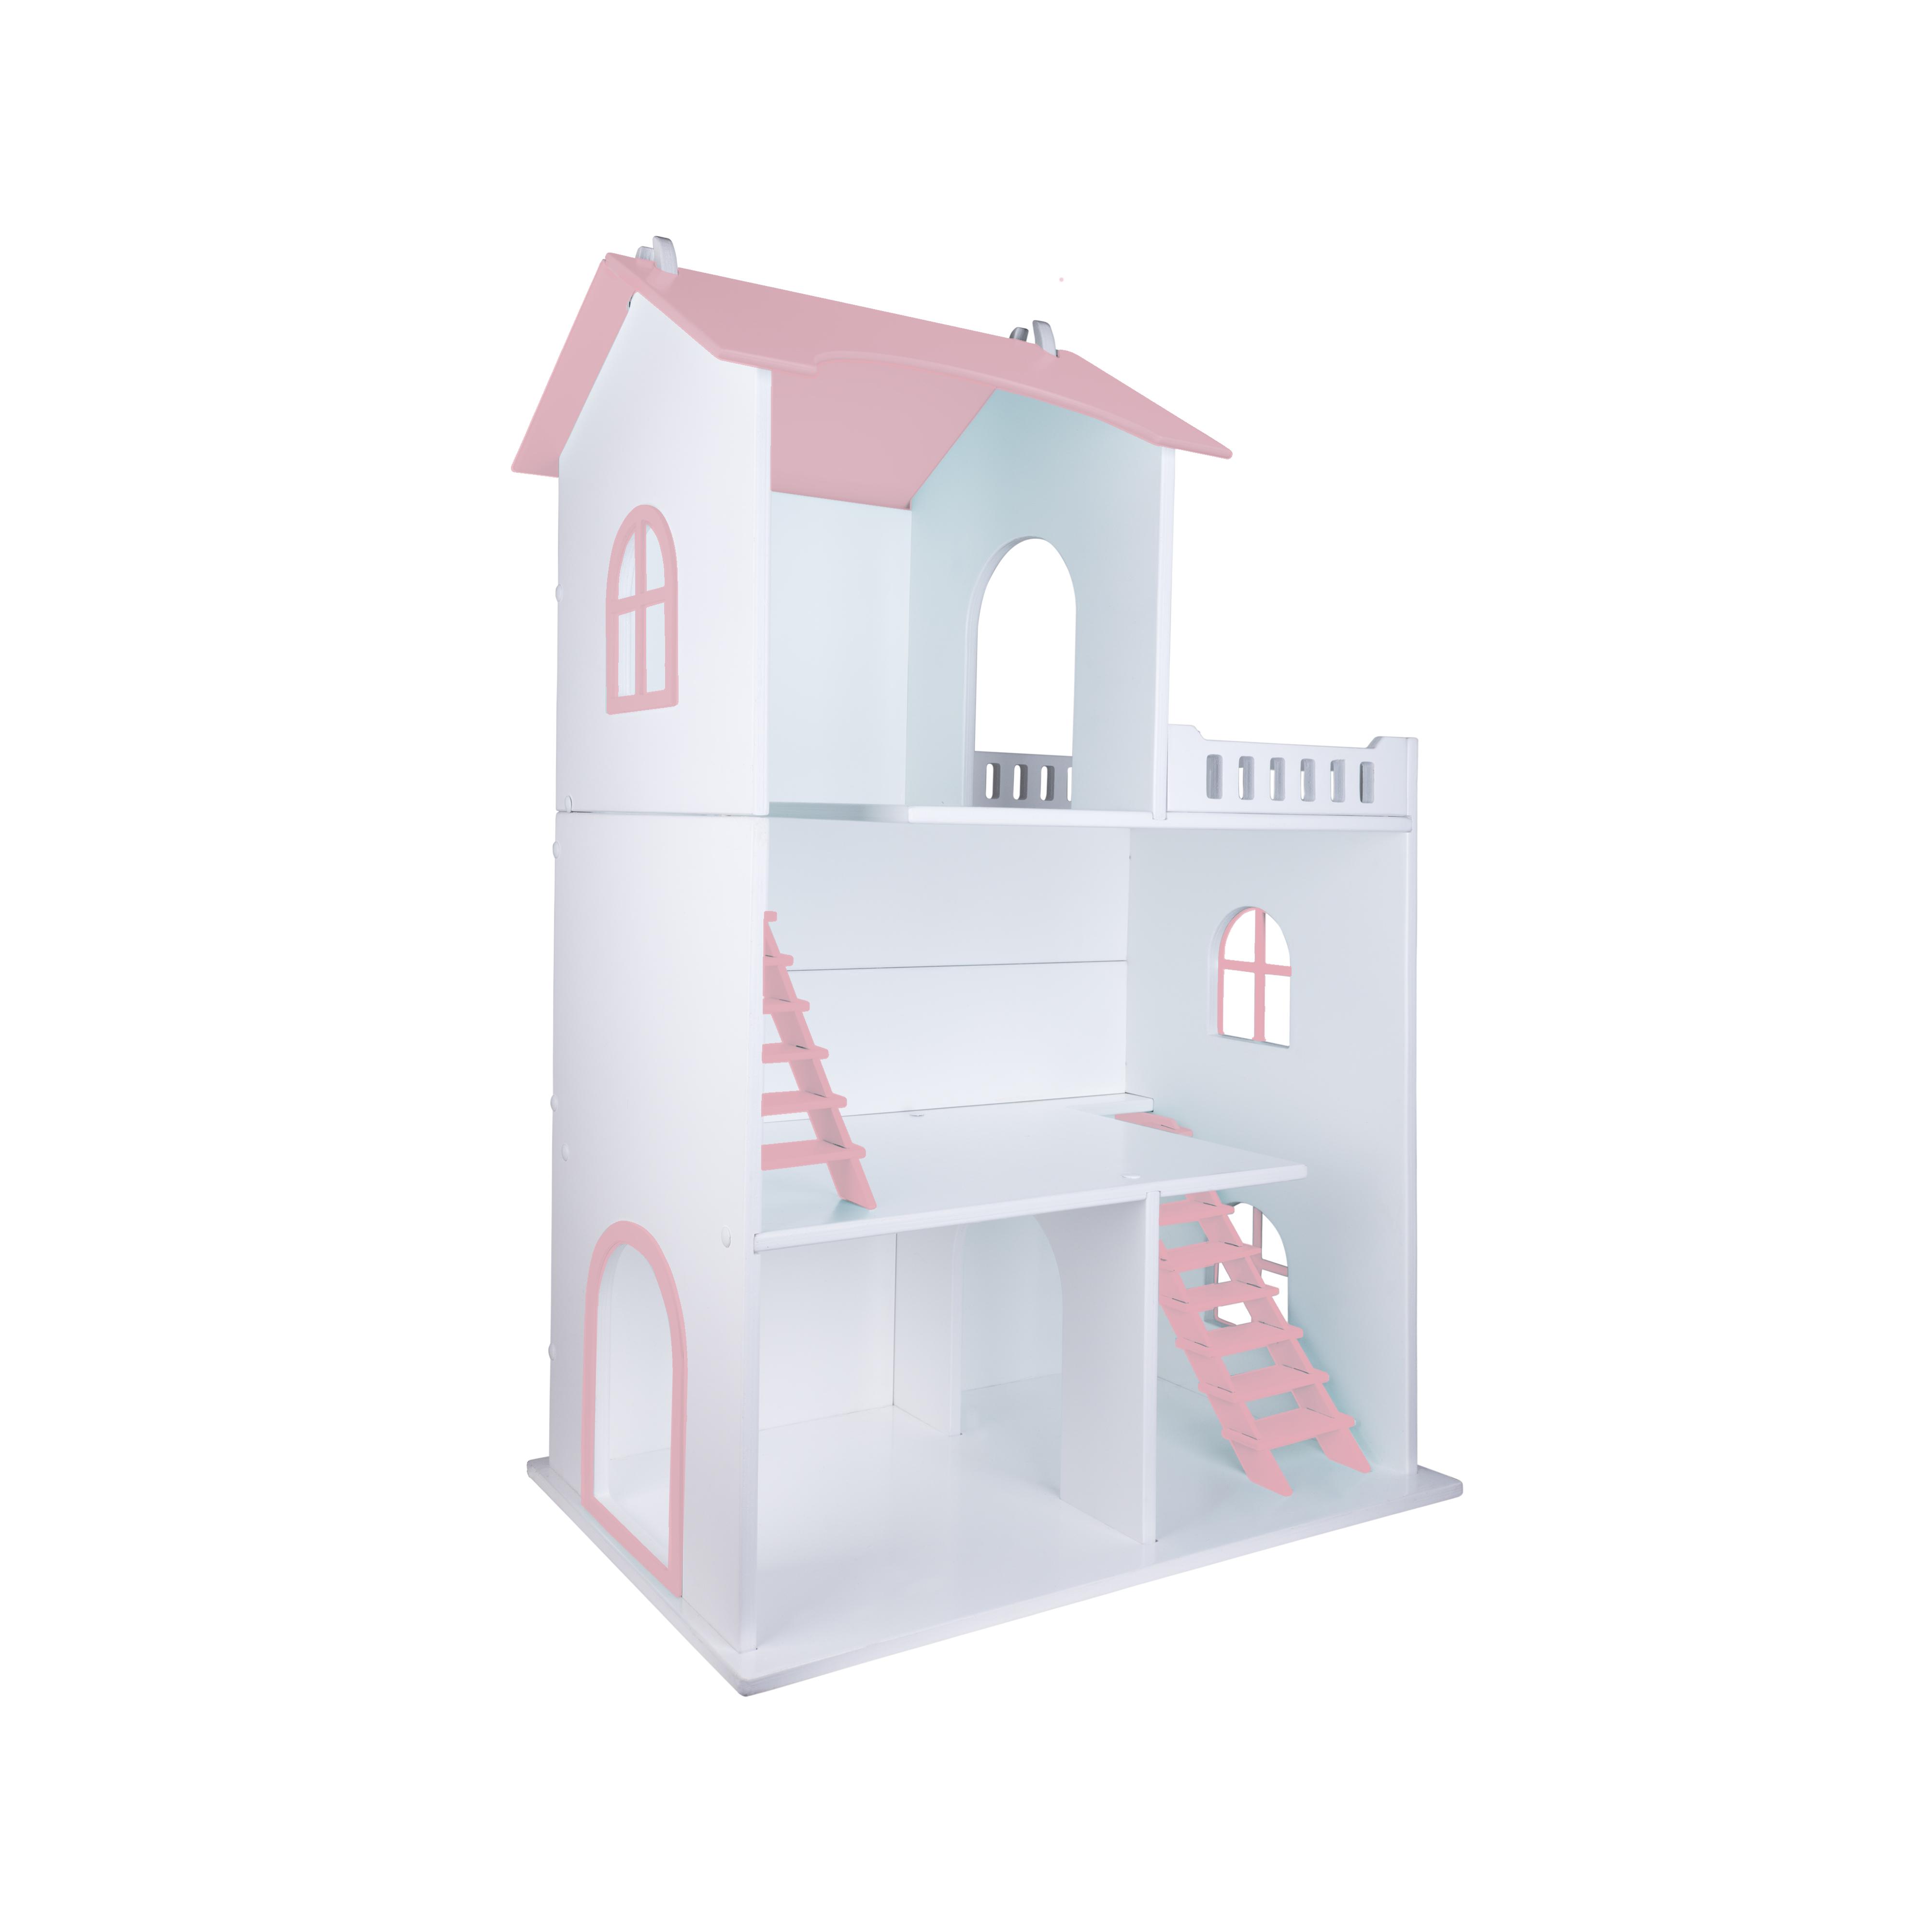 Домик для кукол Little Home Rodent kids